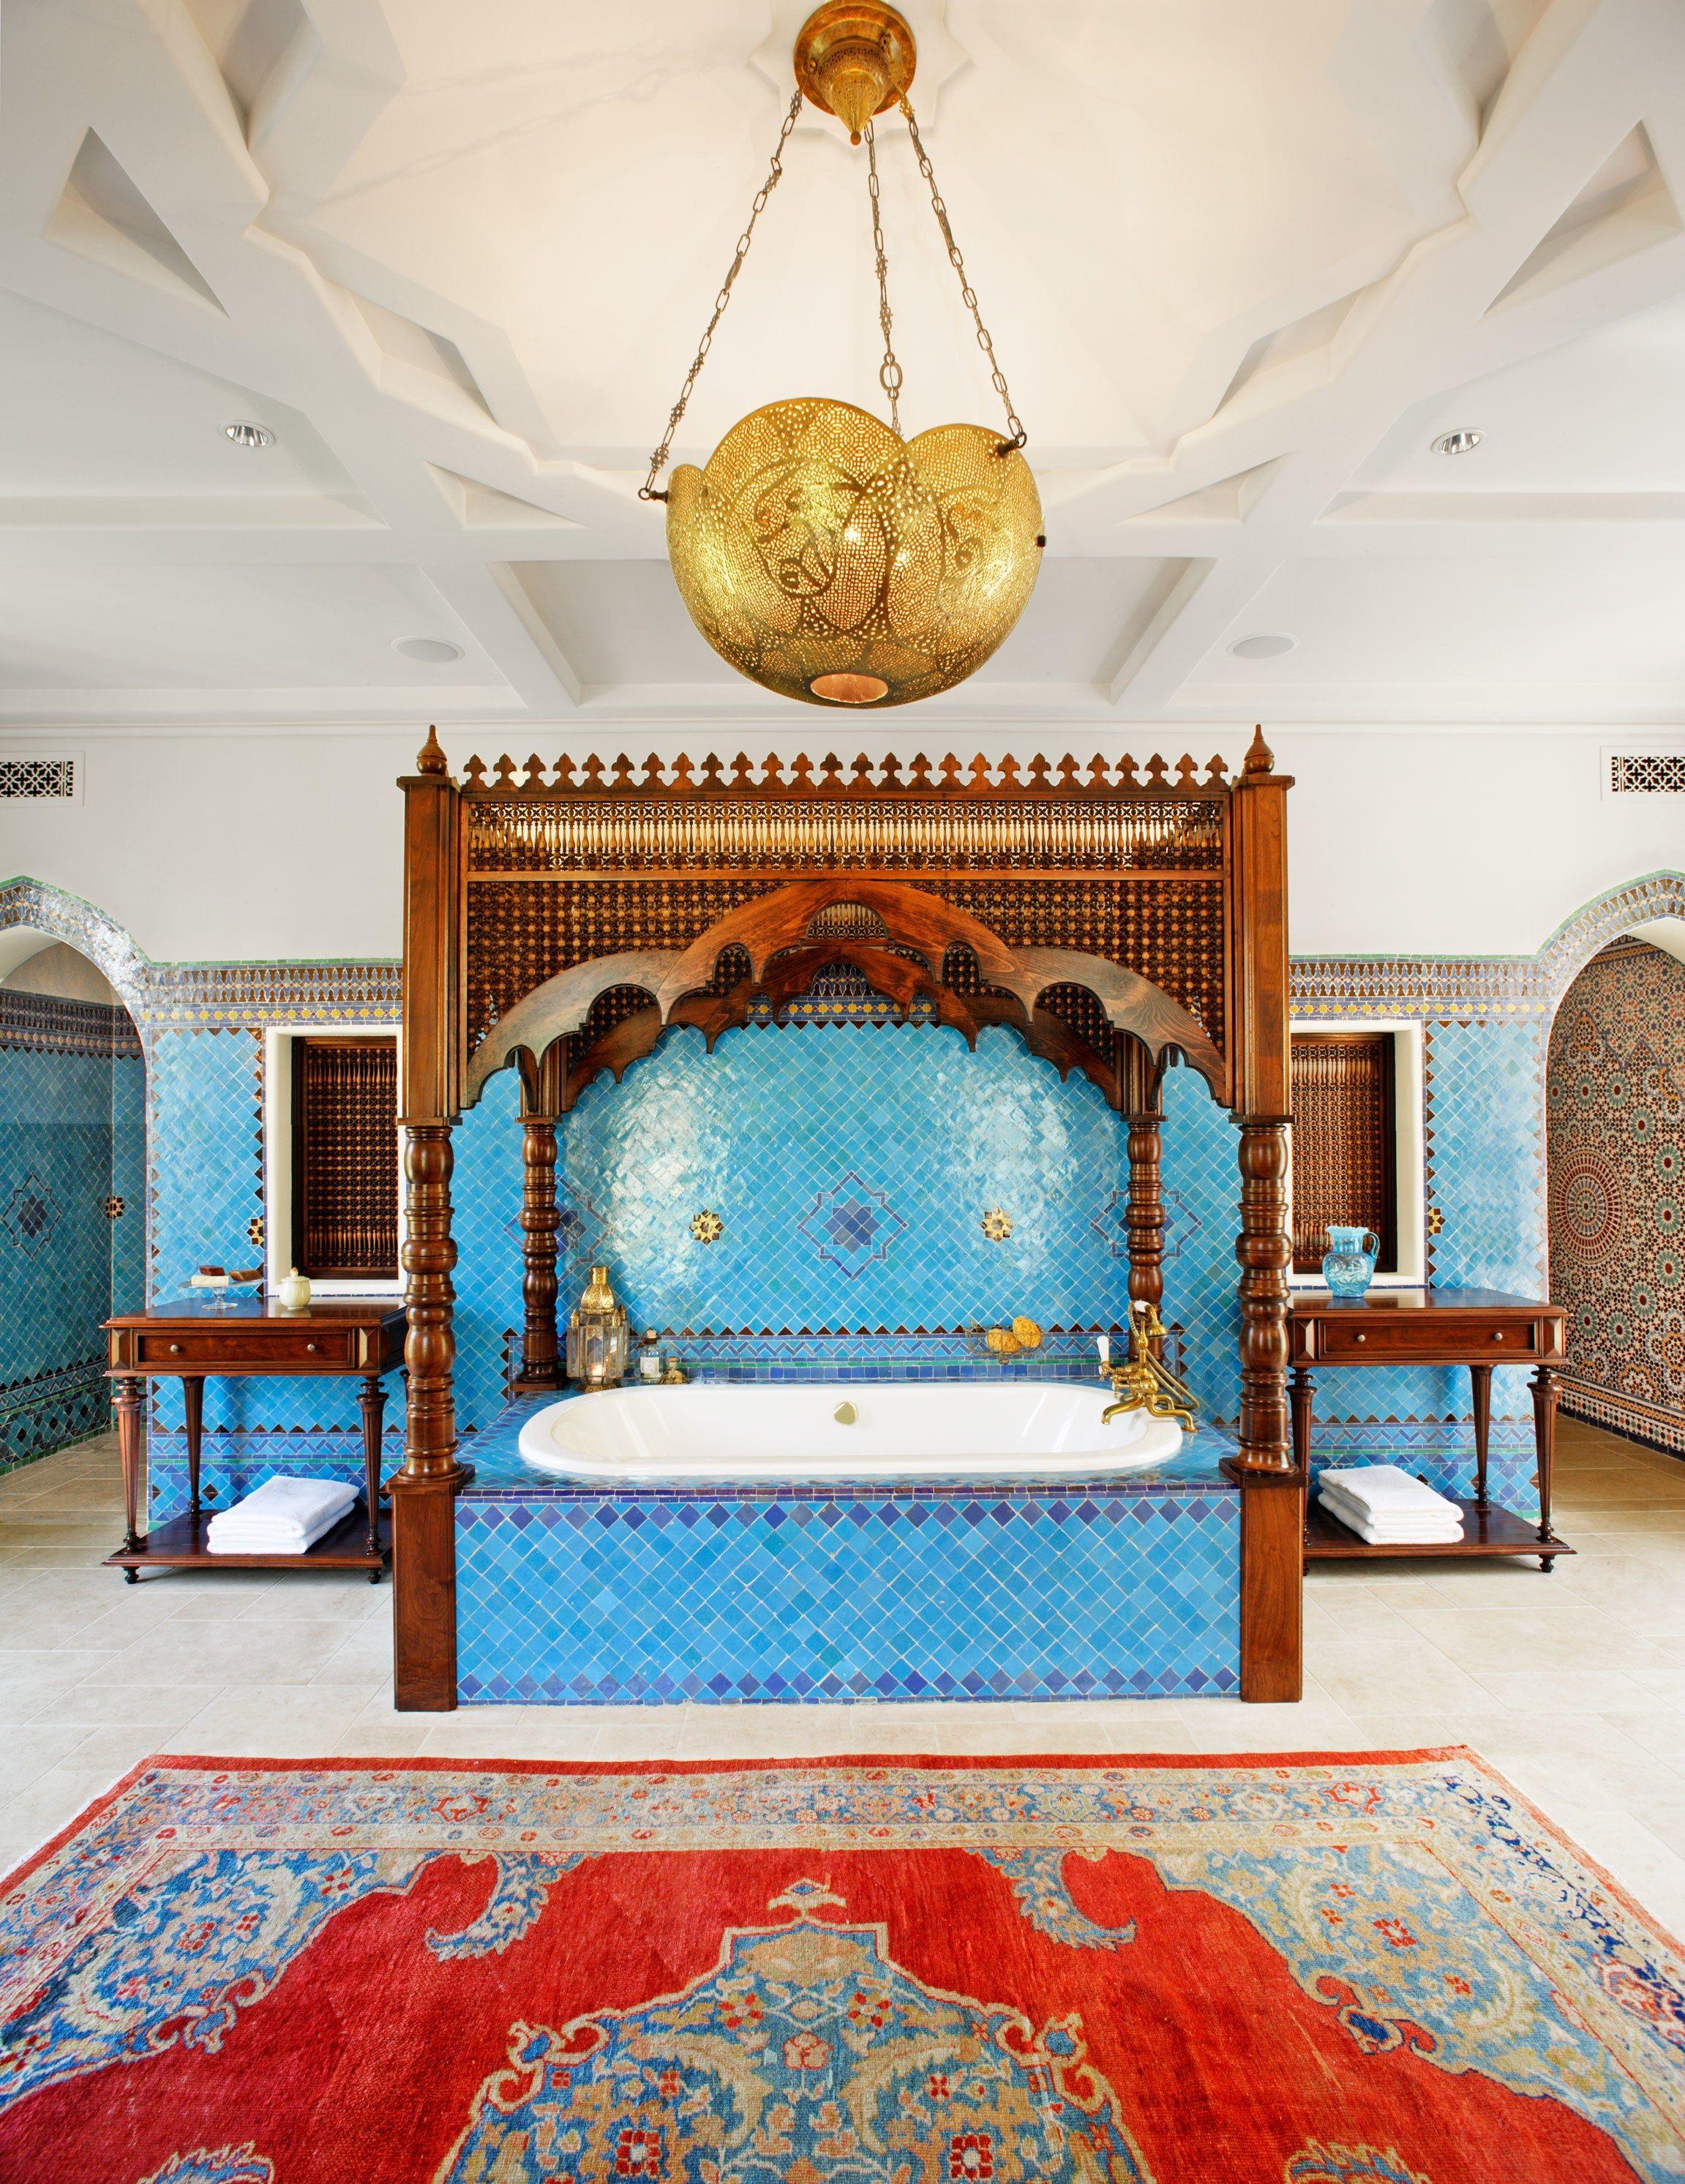 A California Bathroom with Moroccan Flair Moroccan decor